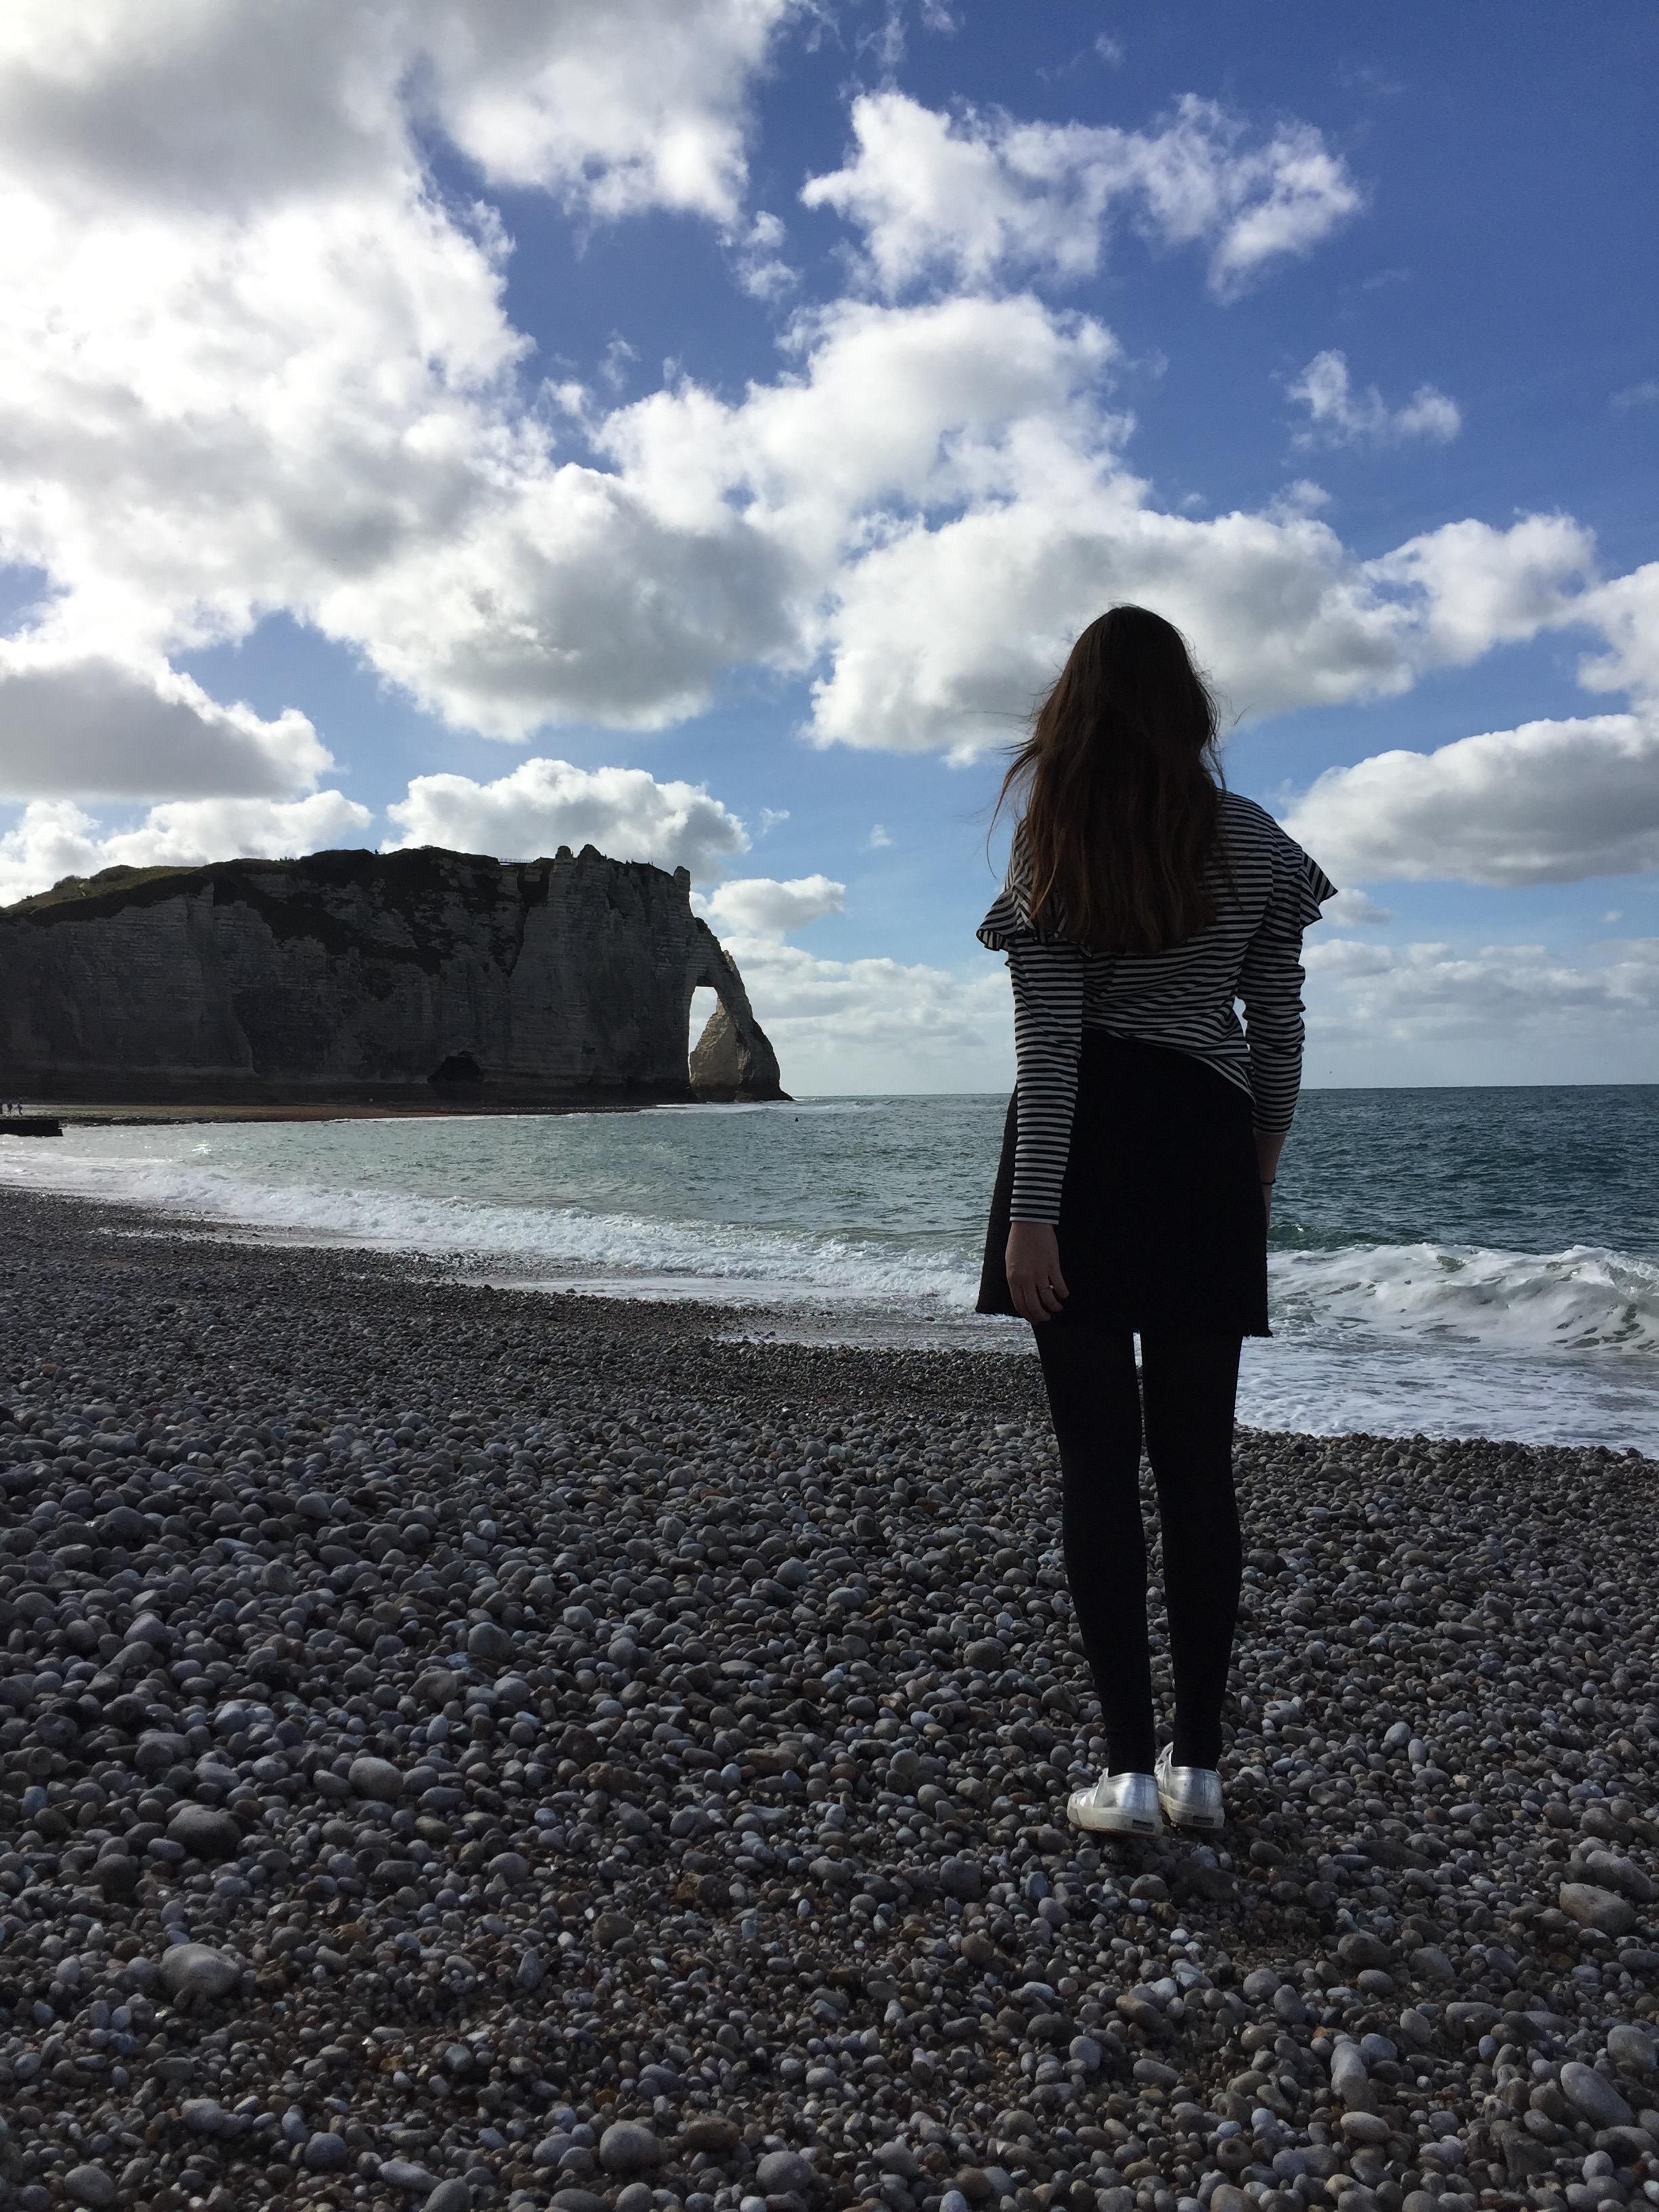 andysparkles-Ausflug in die Normandie-Alabasterküste-Étretat-Frankreich-Reiseblog